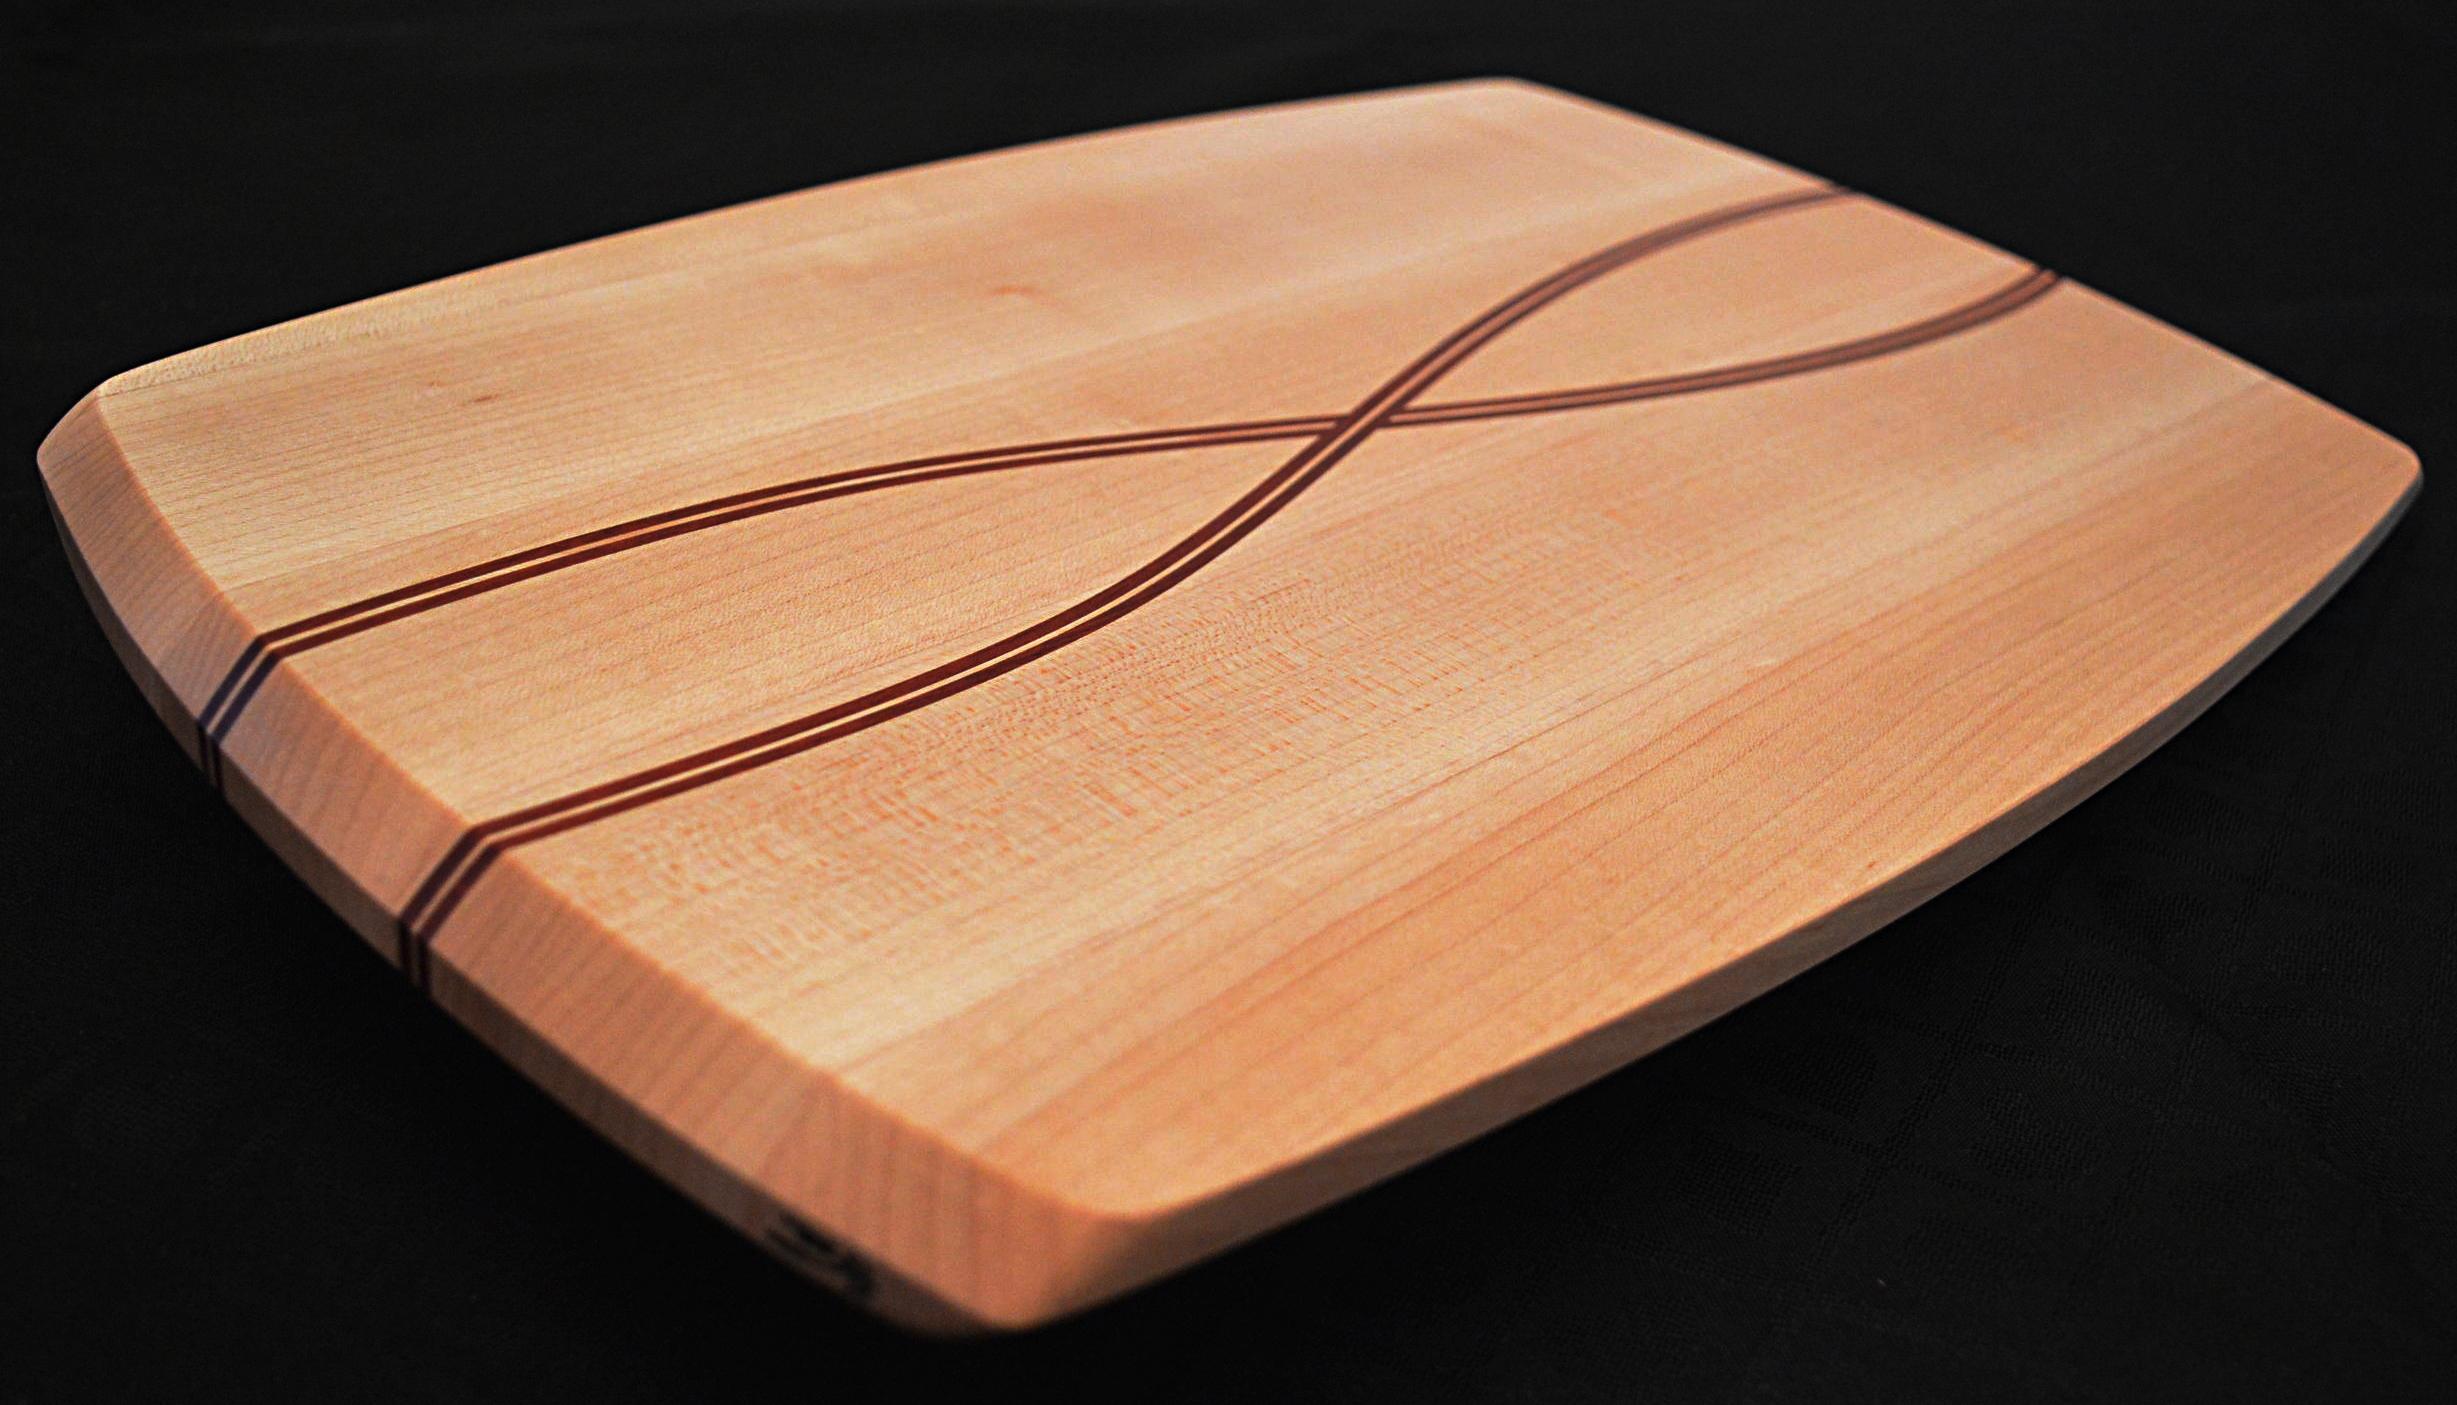 Helix Cutting Board